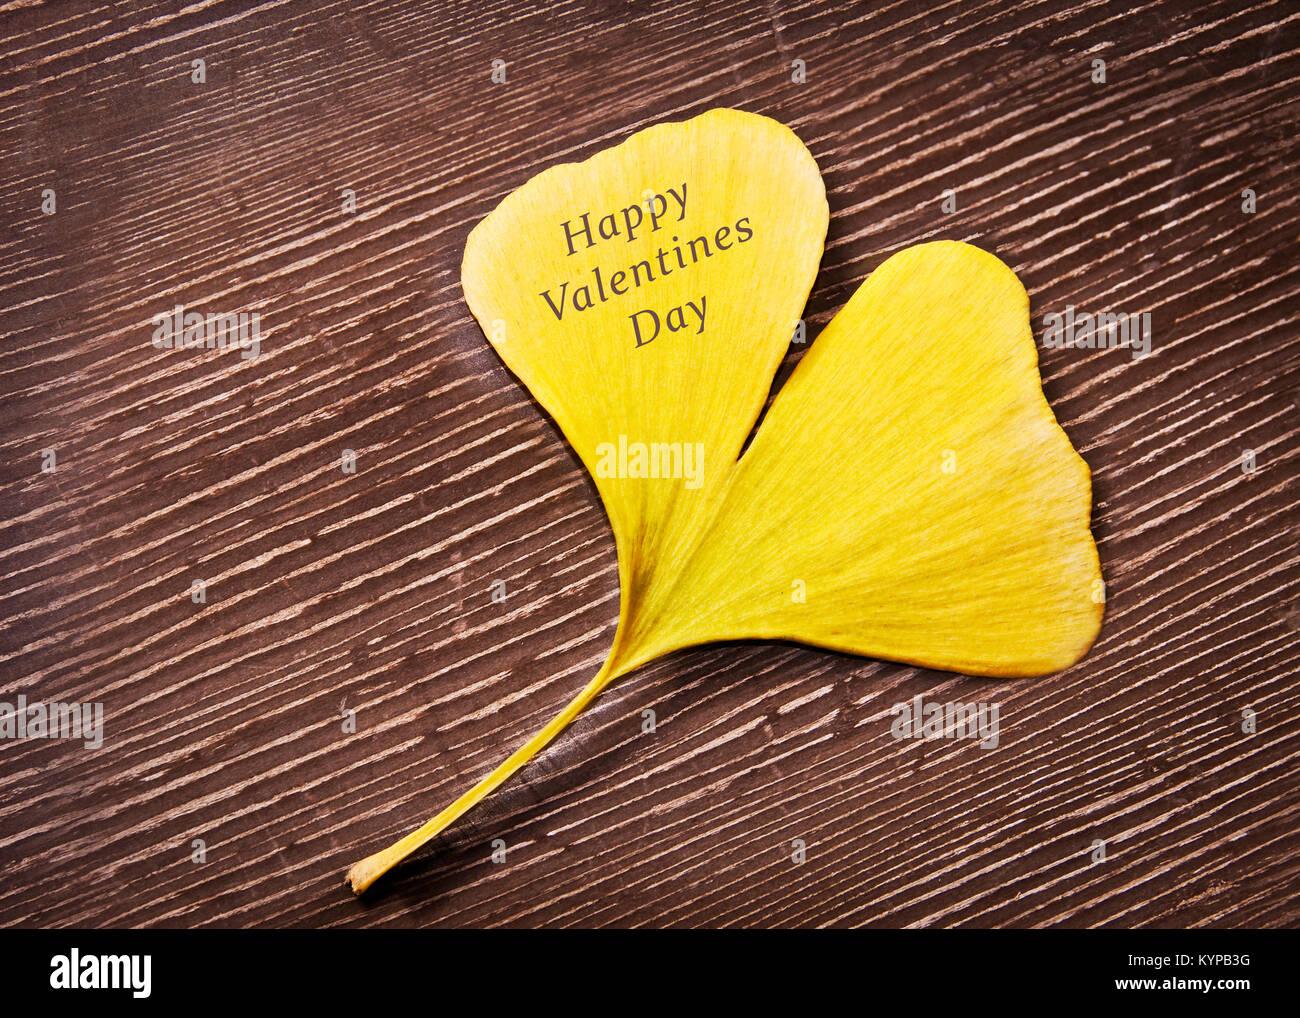 Felice il giorno di San Valentino scritto su un cuore giallo a forma di ginkgo biloba leaf Immagini Stock